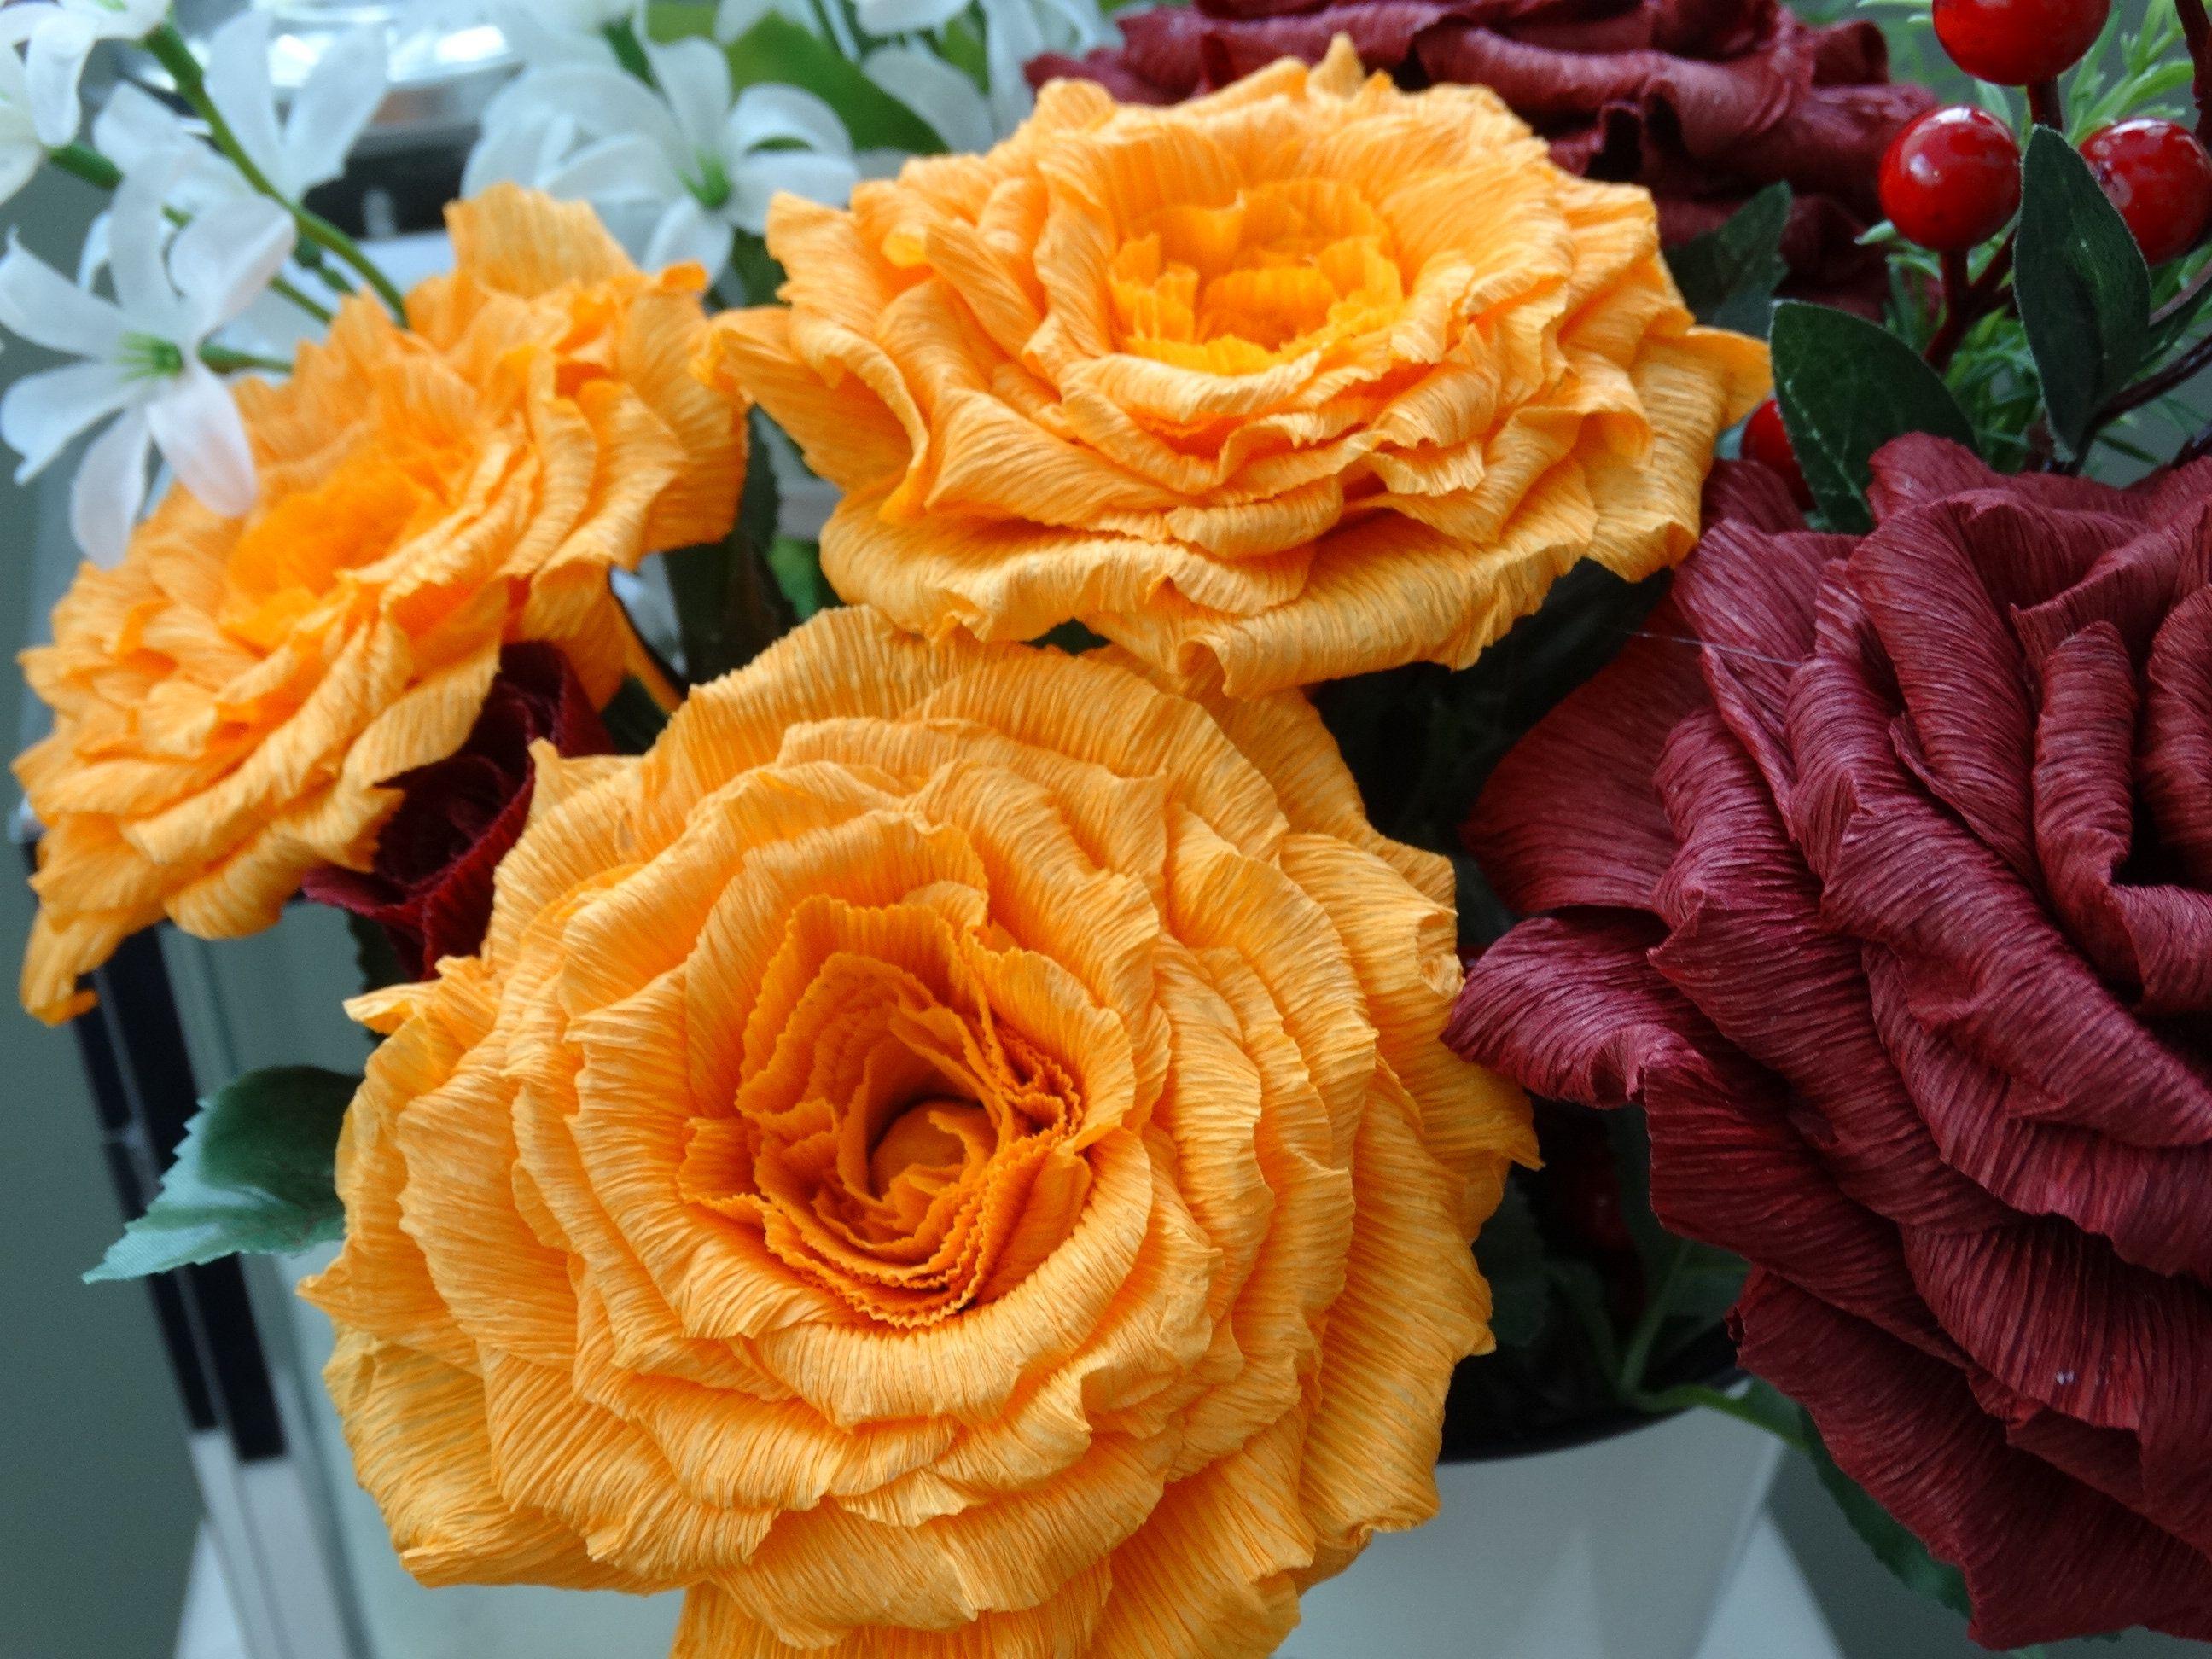 Paper rose bouquet, handmade crepe paper roses, bridal bouquet, home decor bouquet, paper flowers